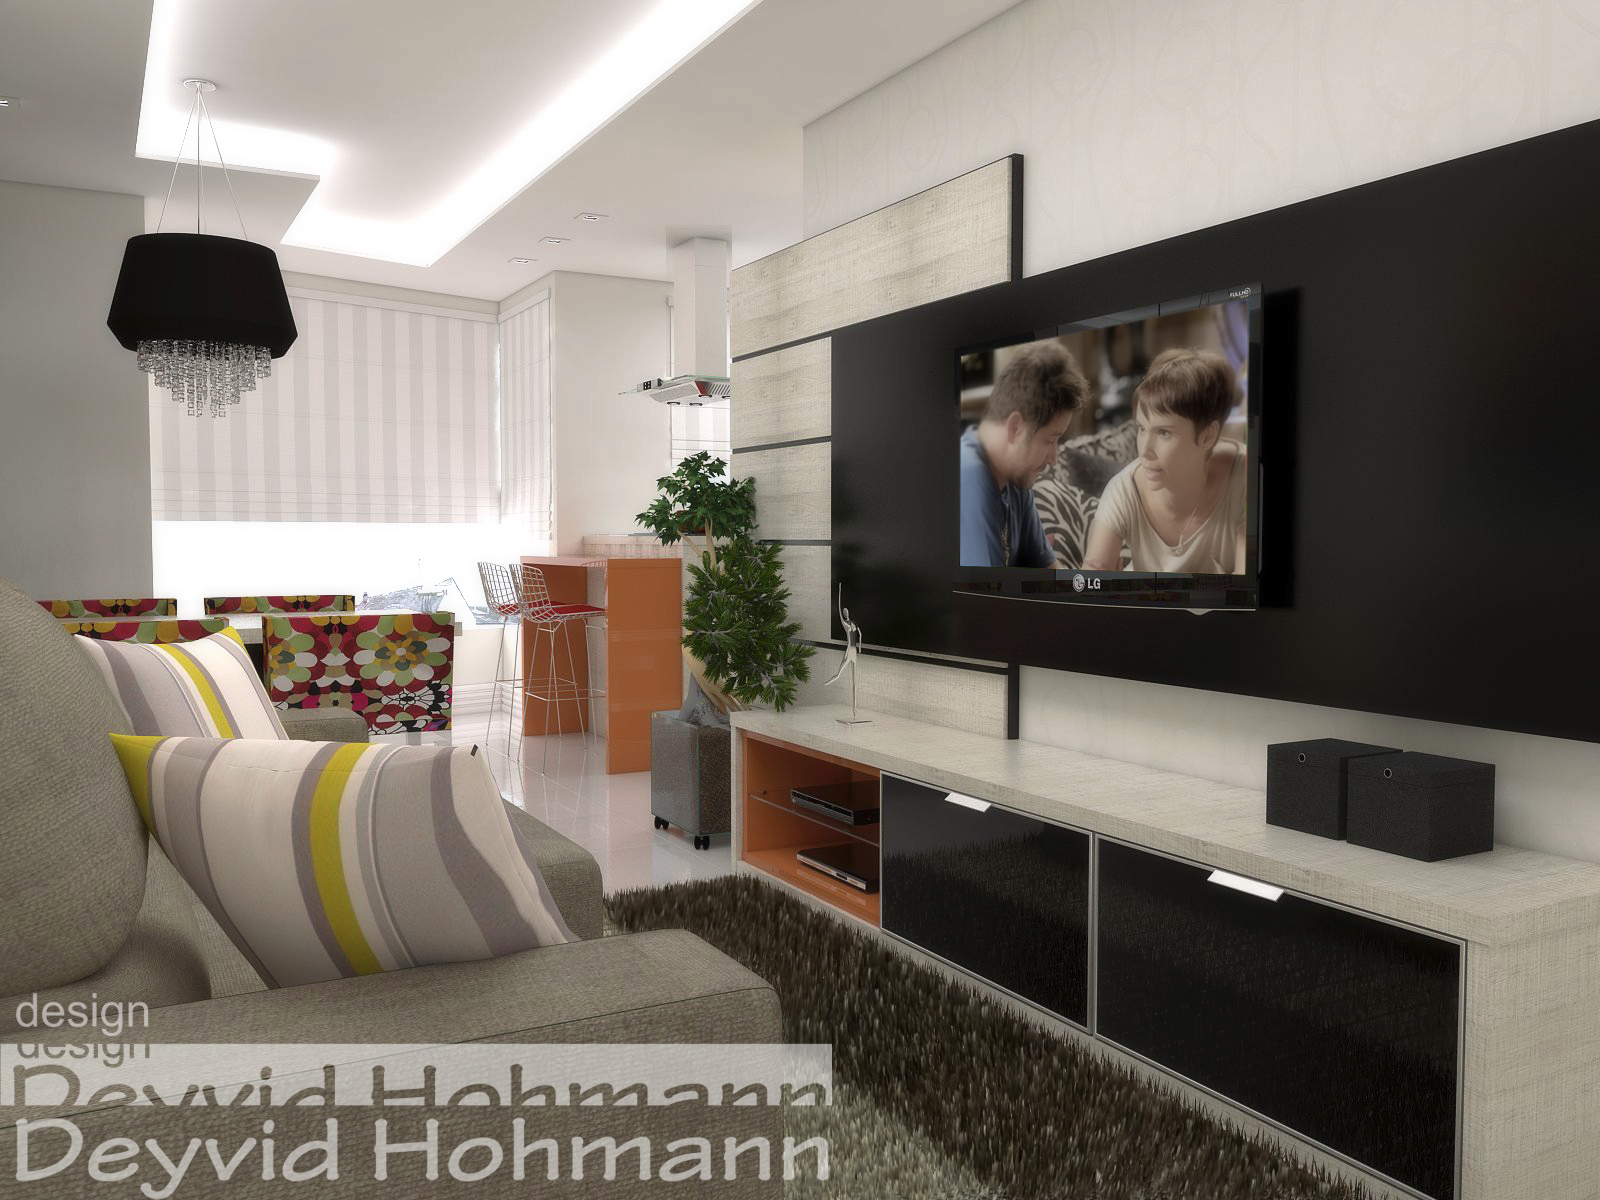 sala e cozinha conjugadas sala e cozinha conjugadas sala e #A39228 1600 1200